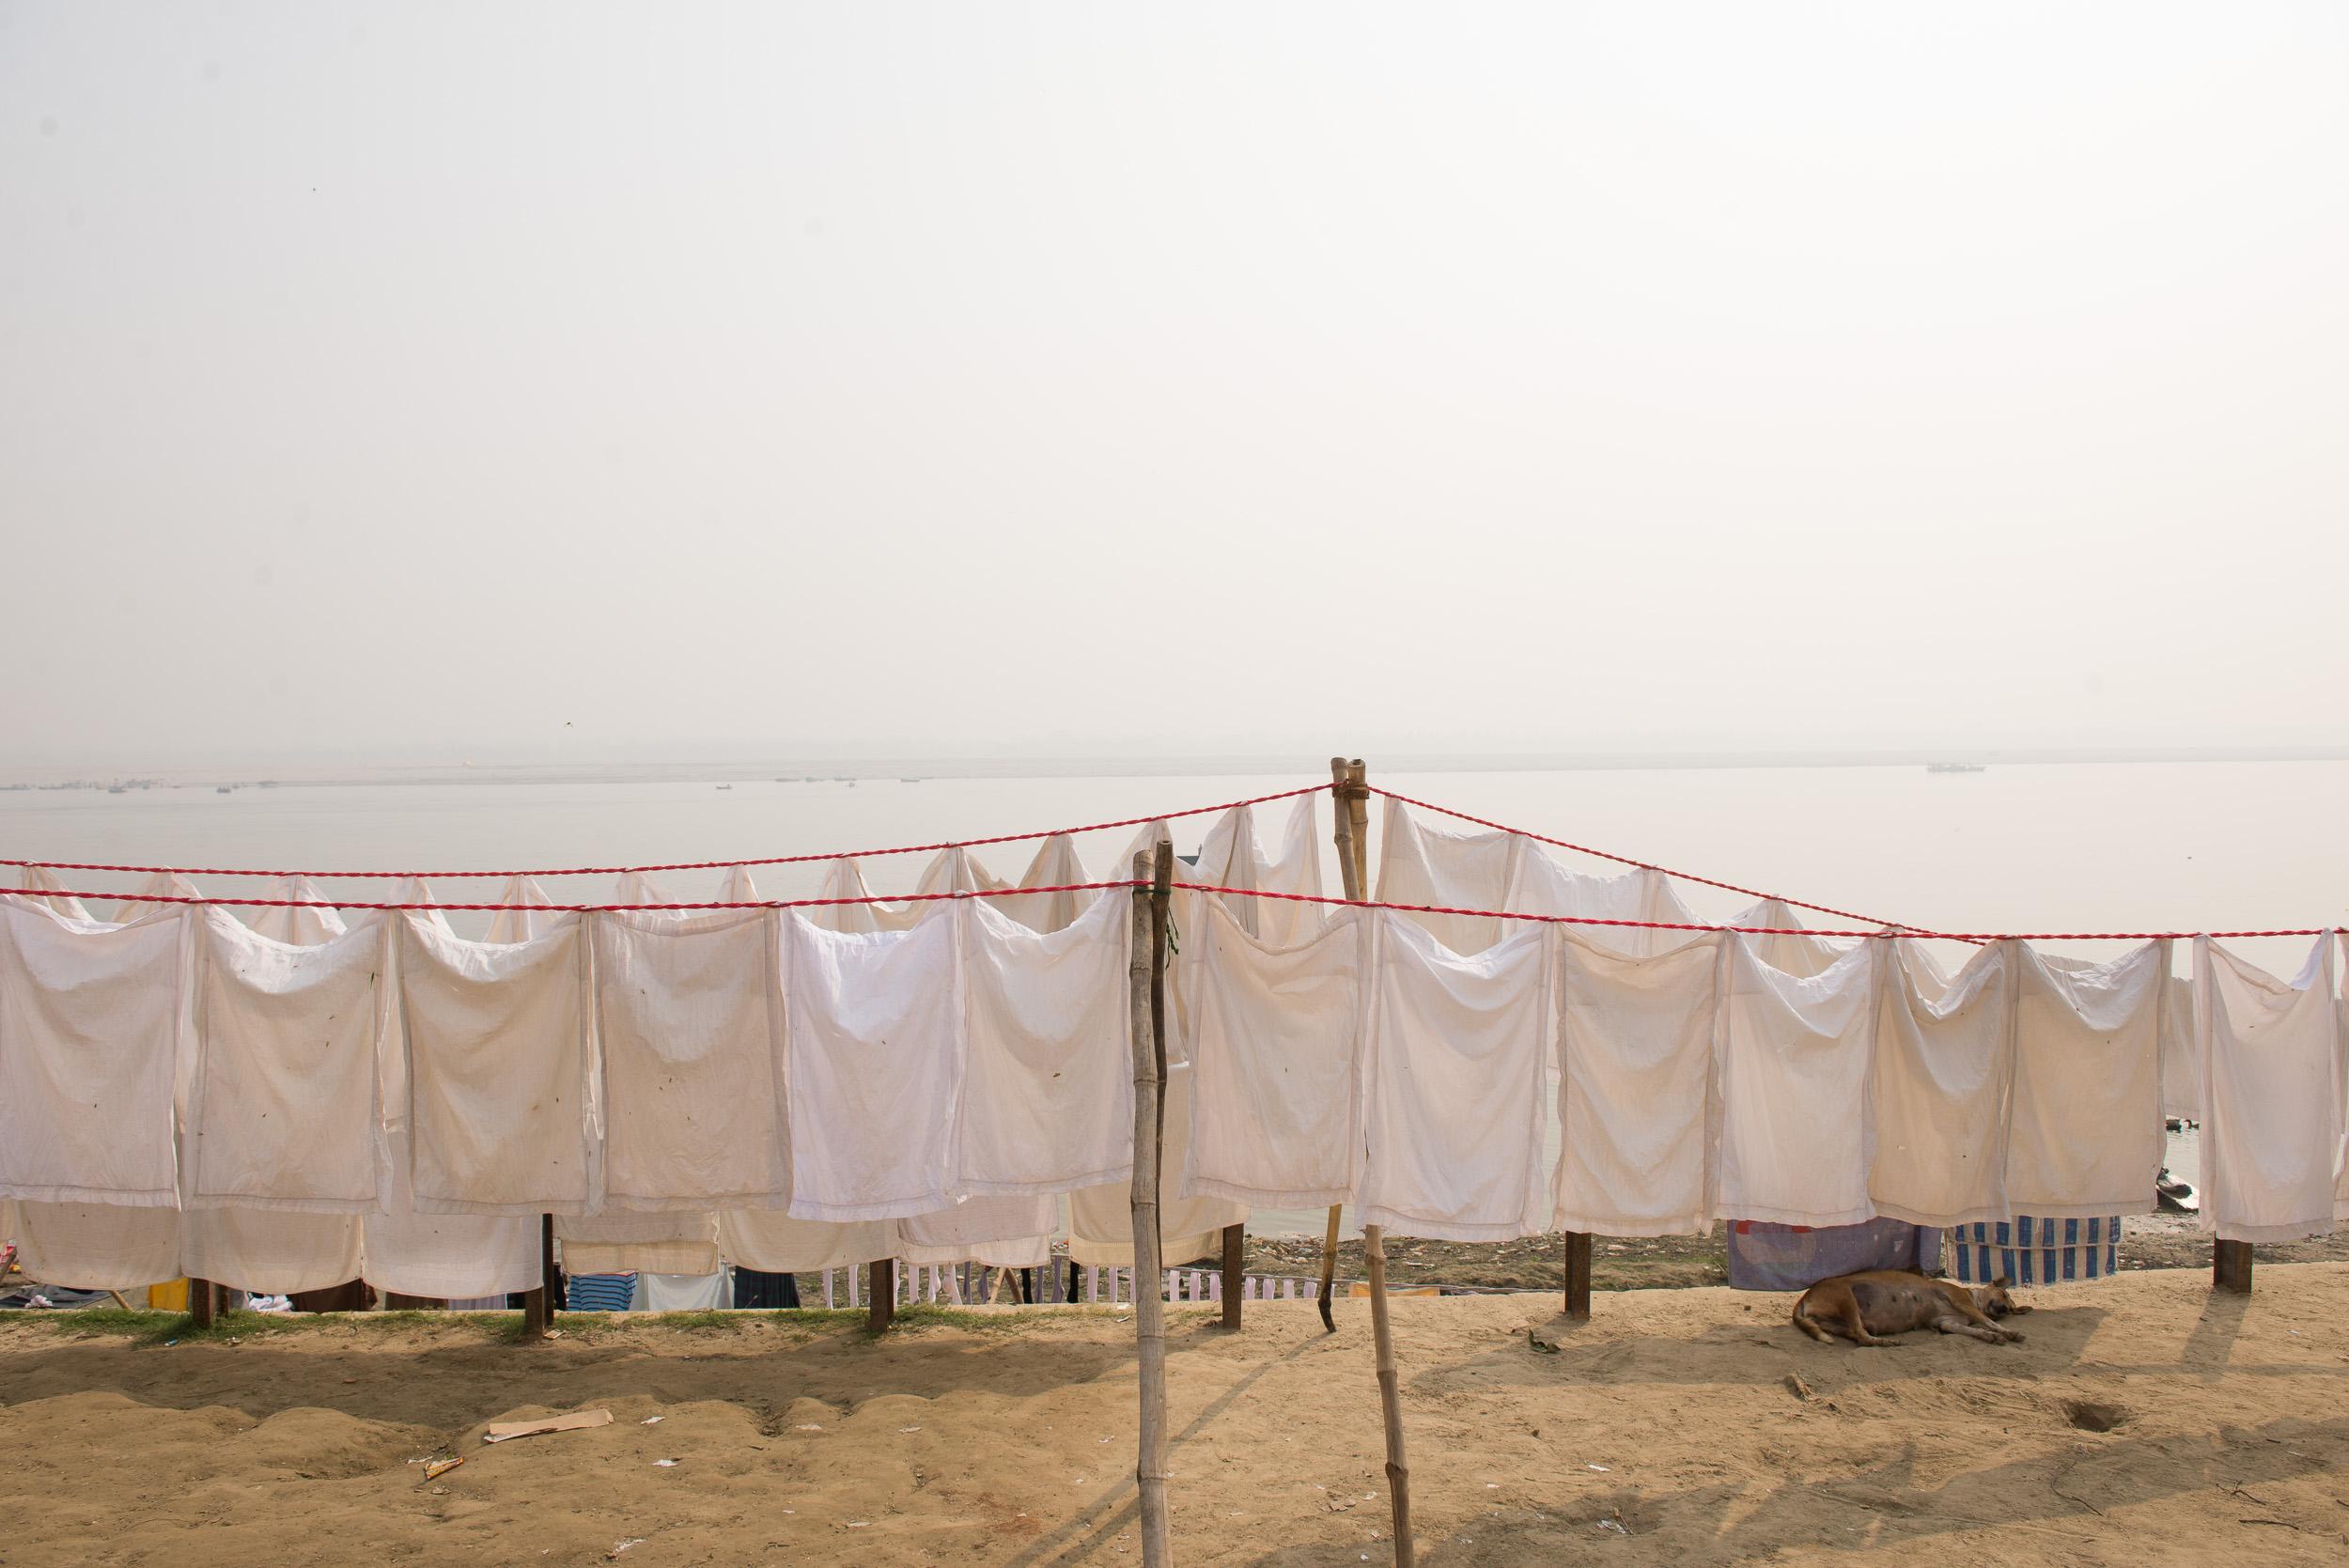 meyer-india-varanasi-39.jpg